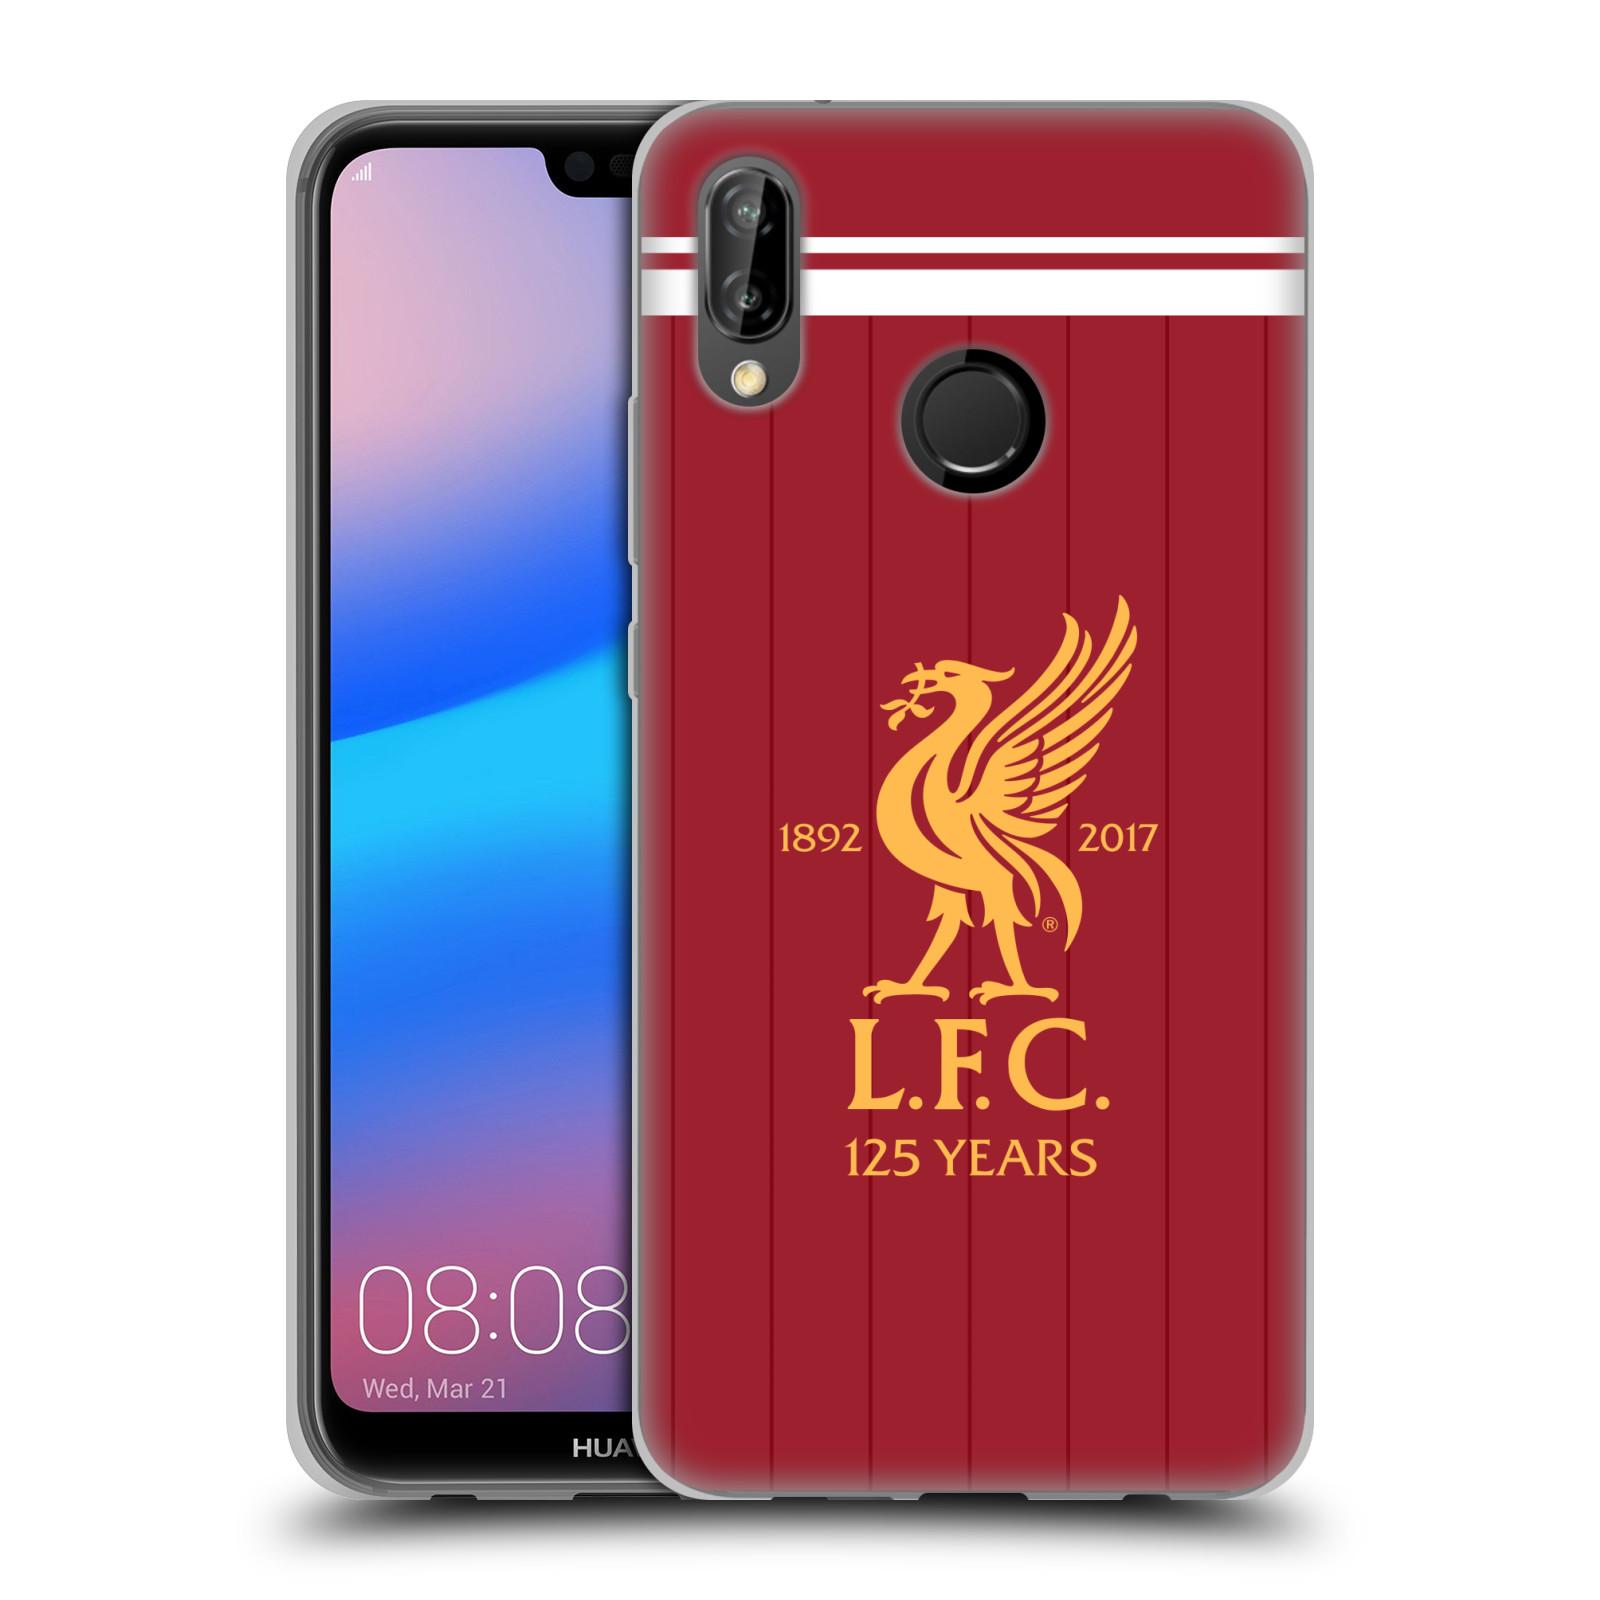 HEAD CASE silikonový obal na mobil Huawei P20 LITE Fotbalový klub Liverpool fotbalový dres pták domácí rudá